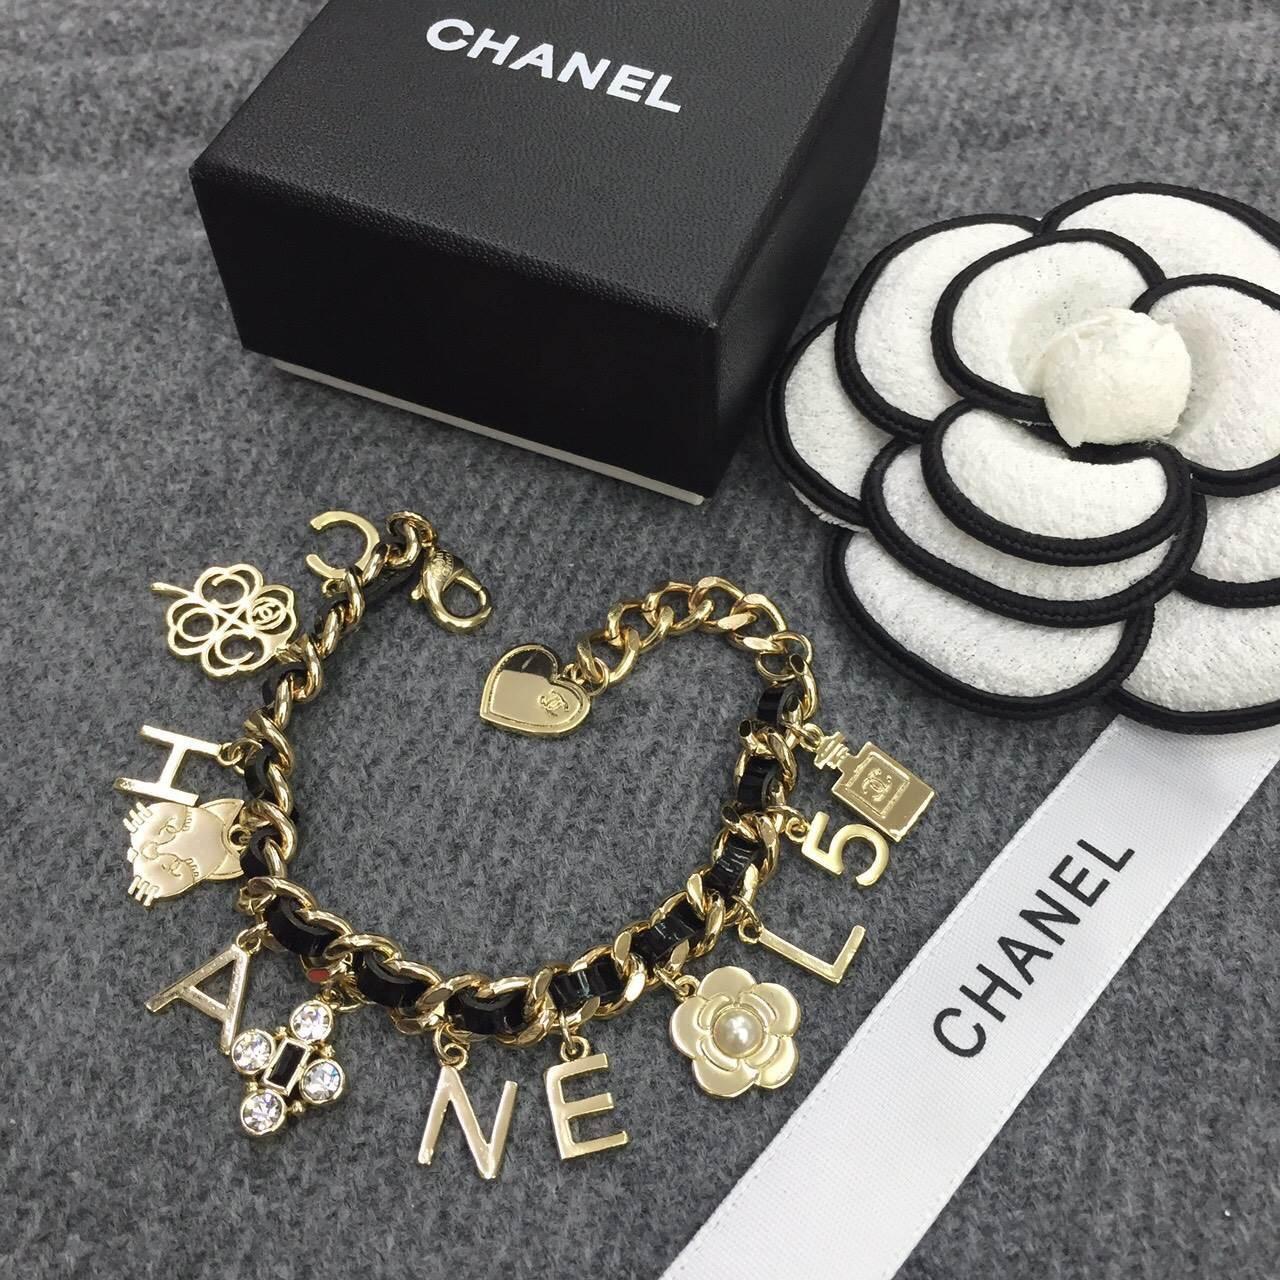 พร้อมส่ง Chanel Bracelet สร้อยข้อมือชาแนล